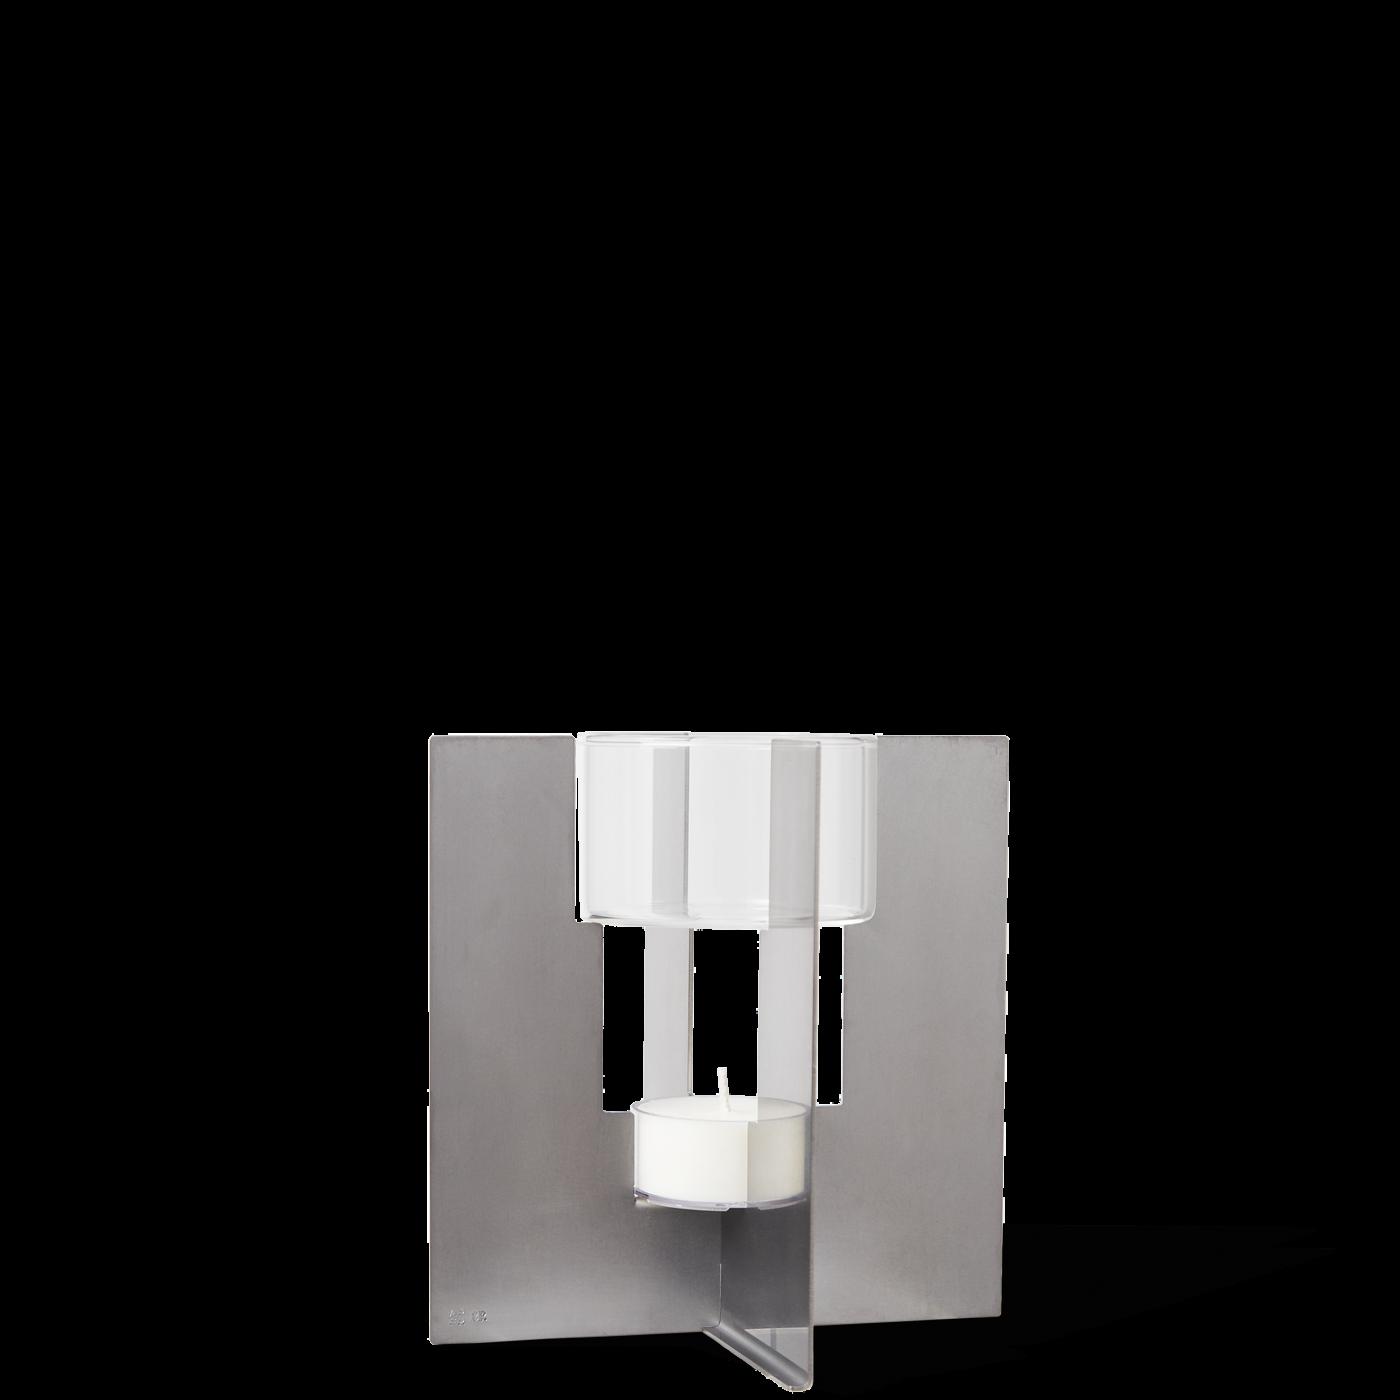 APOTHEKE FRAGRANCE アポテーケ フレグランス / Fragrance Oil Burner / Stainless